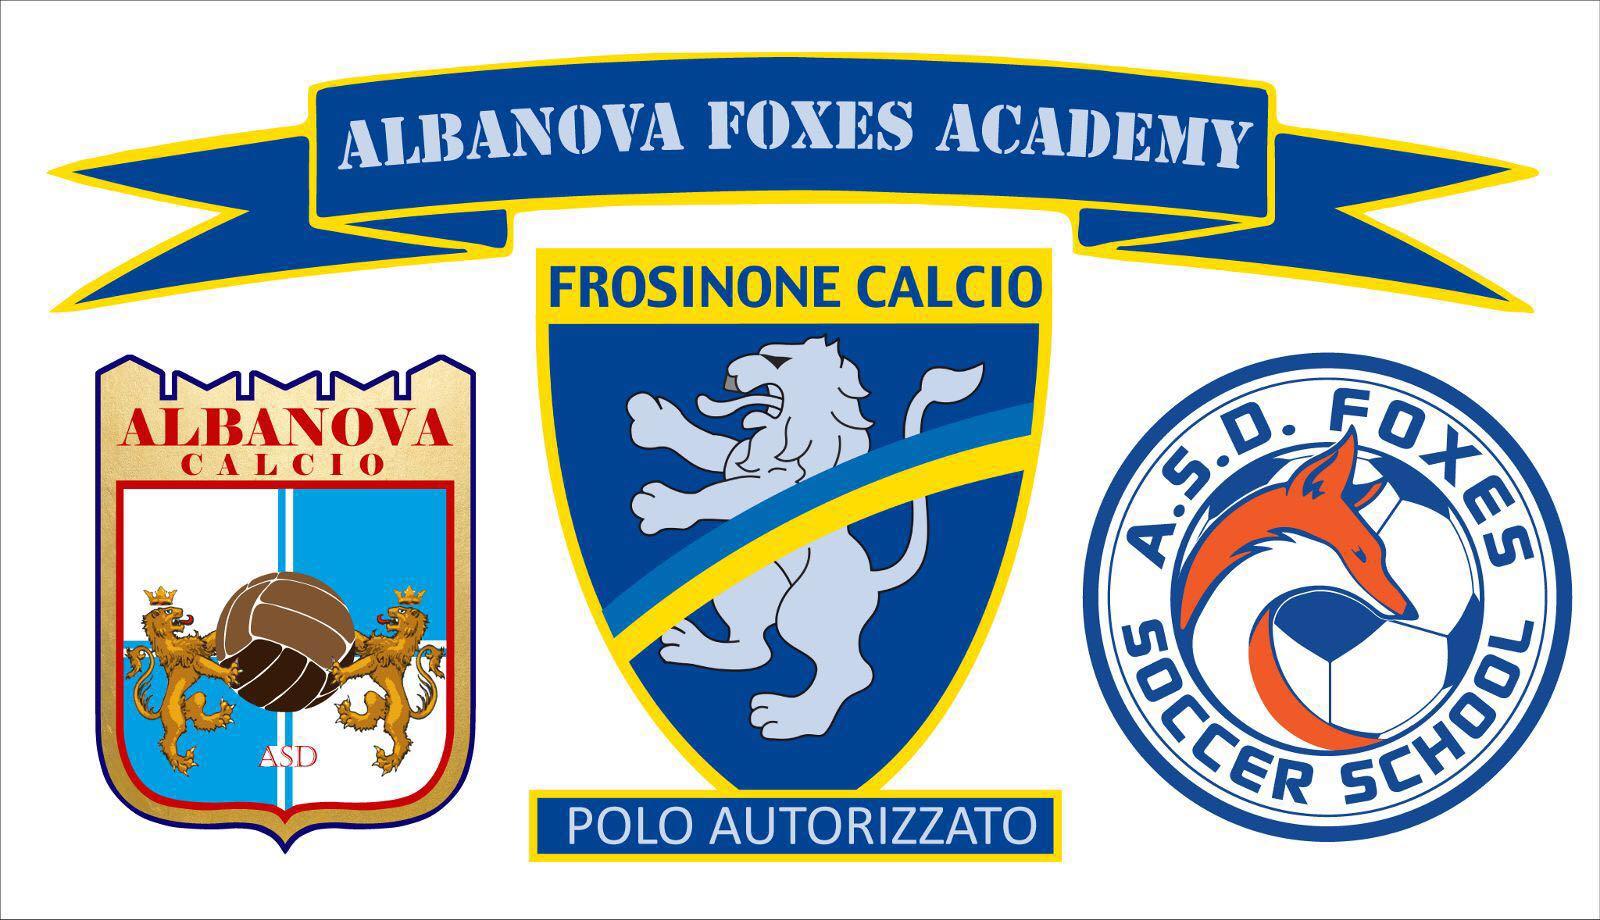 Albanova Foxes Academy, il bilancio del weekend